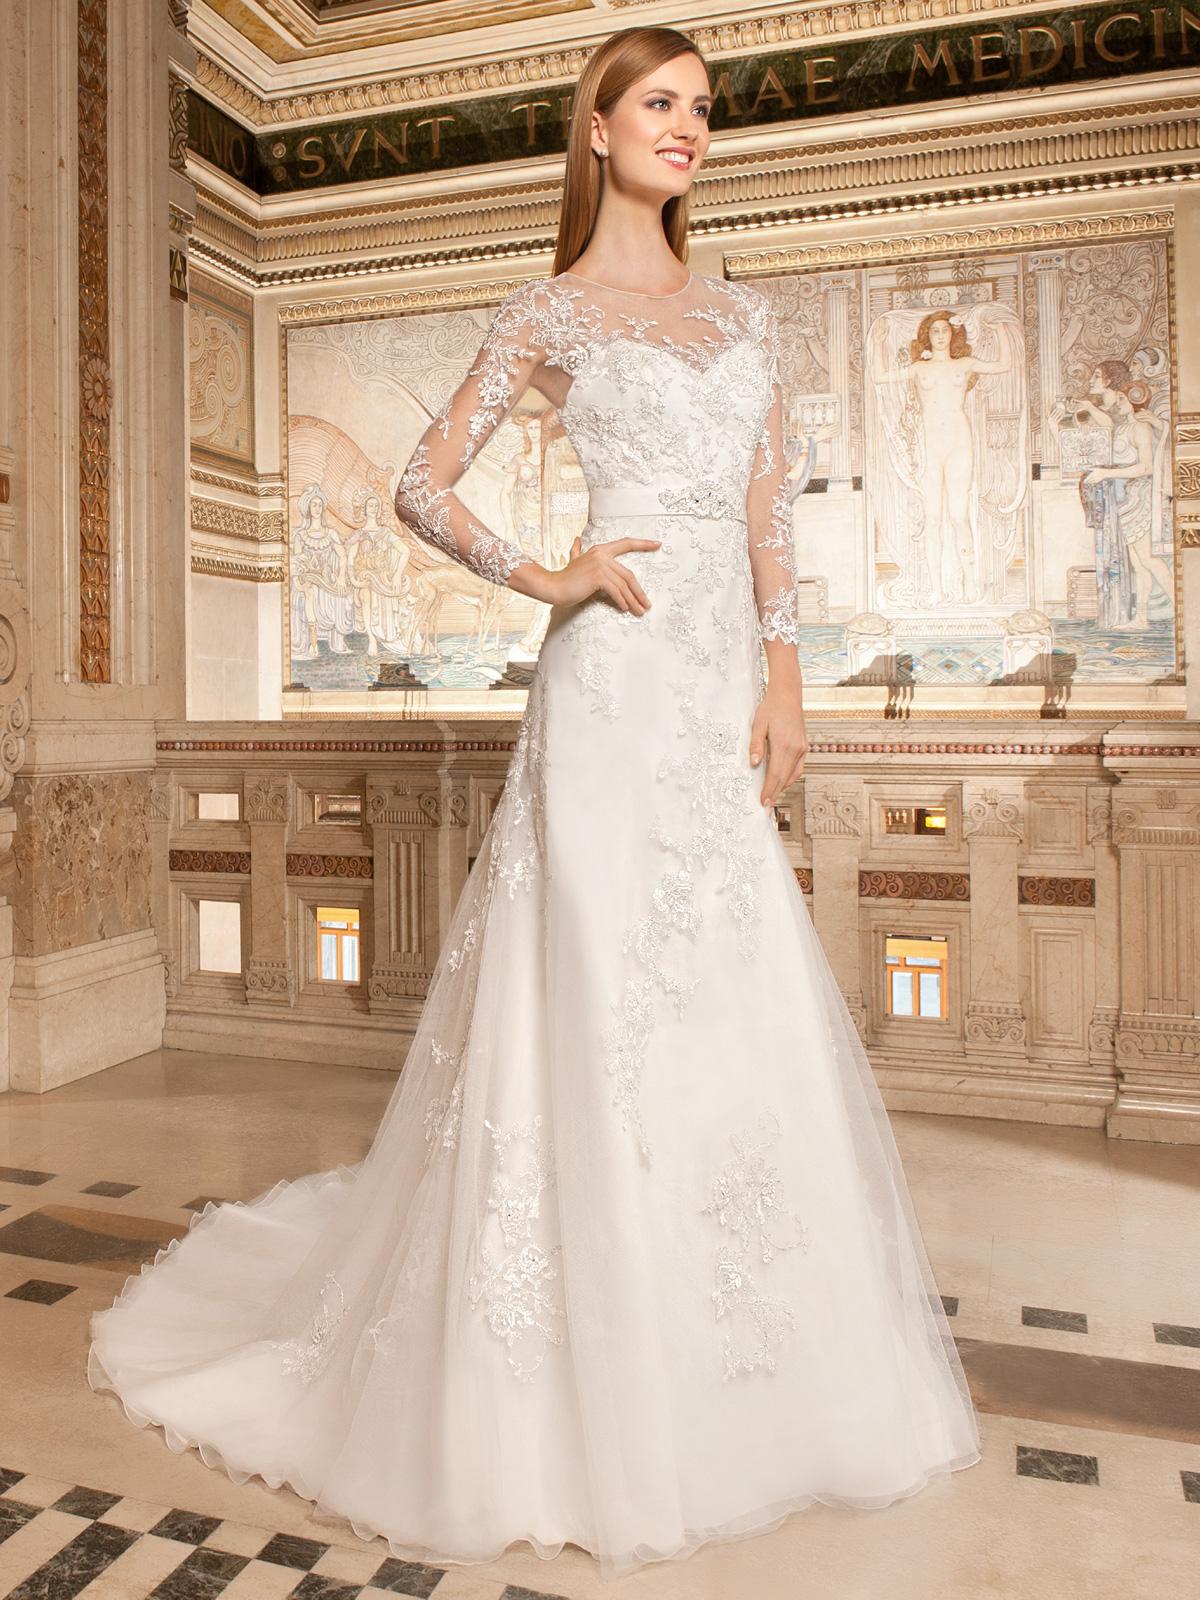 Vestido de Noiva romântico, evasê com bordados em fio de seda e rebordado em pedrarias, mangas longas, colo e costas na transparência e leve cauda.